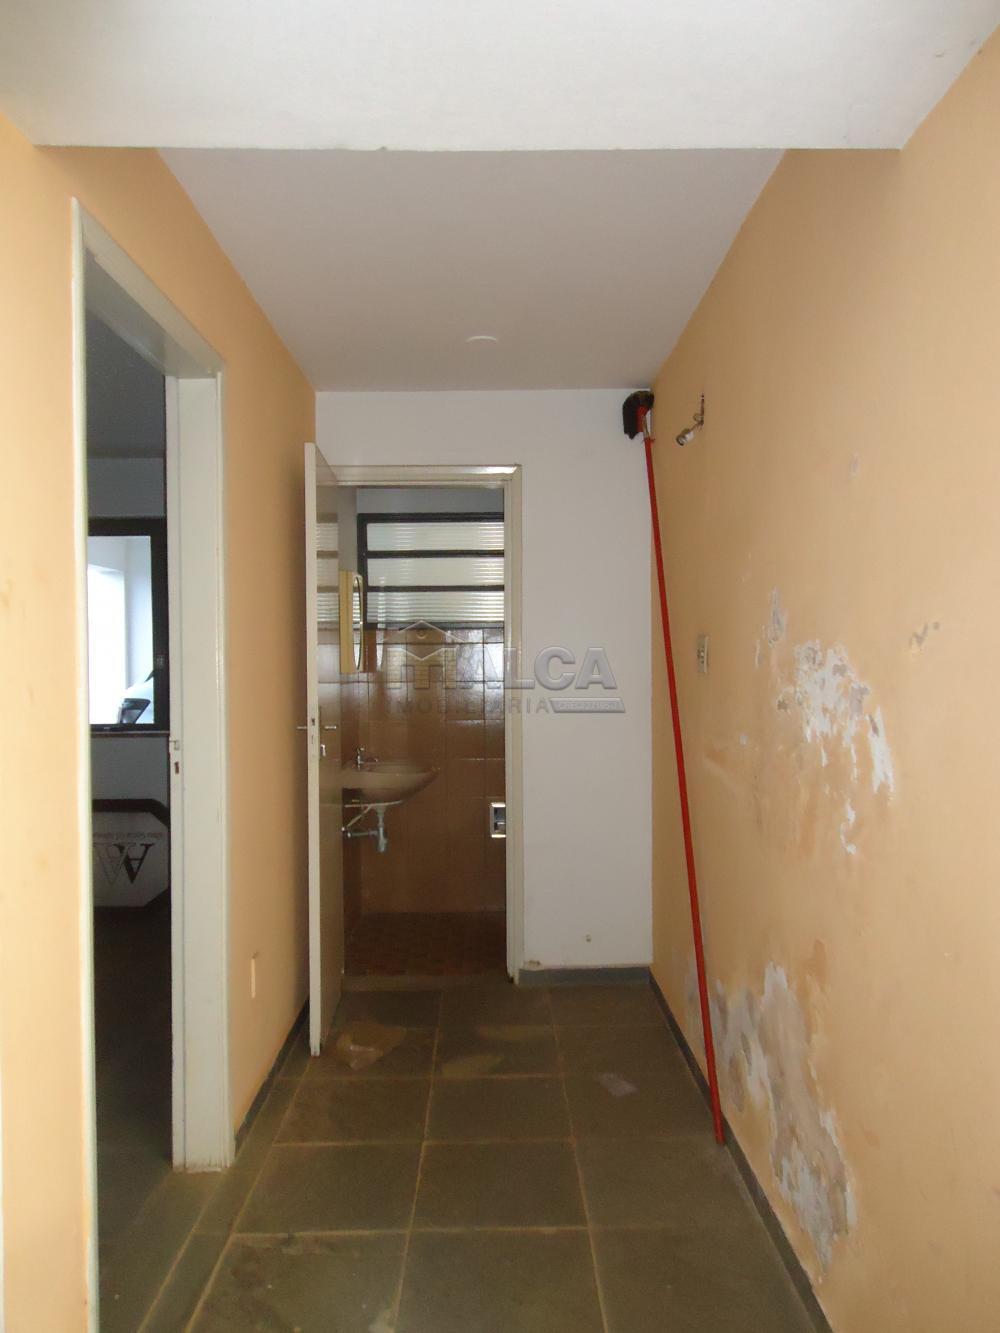 Alugar Casas / Padrão em São José do Rio Pardo apenas R$ 5.500,00 - Foto 58